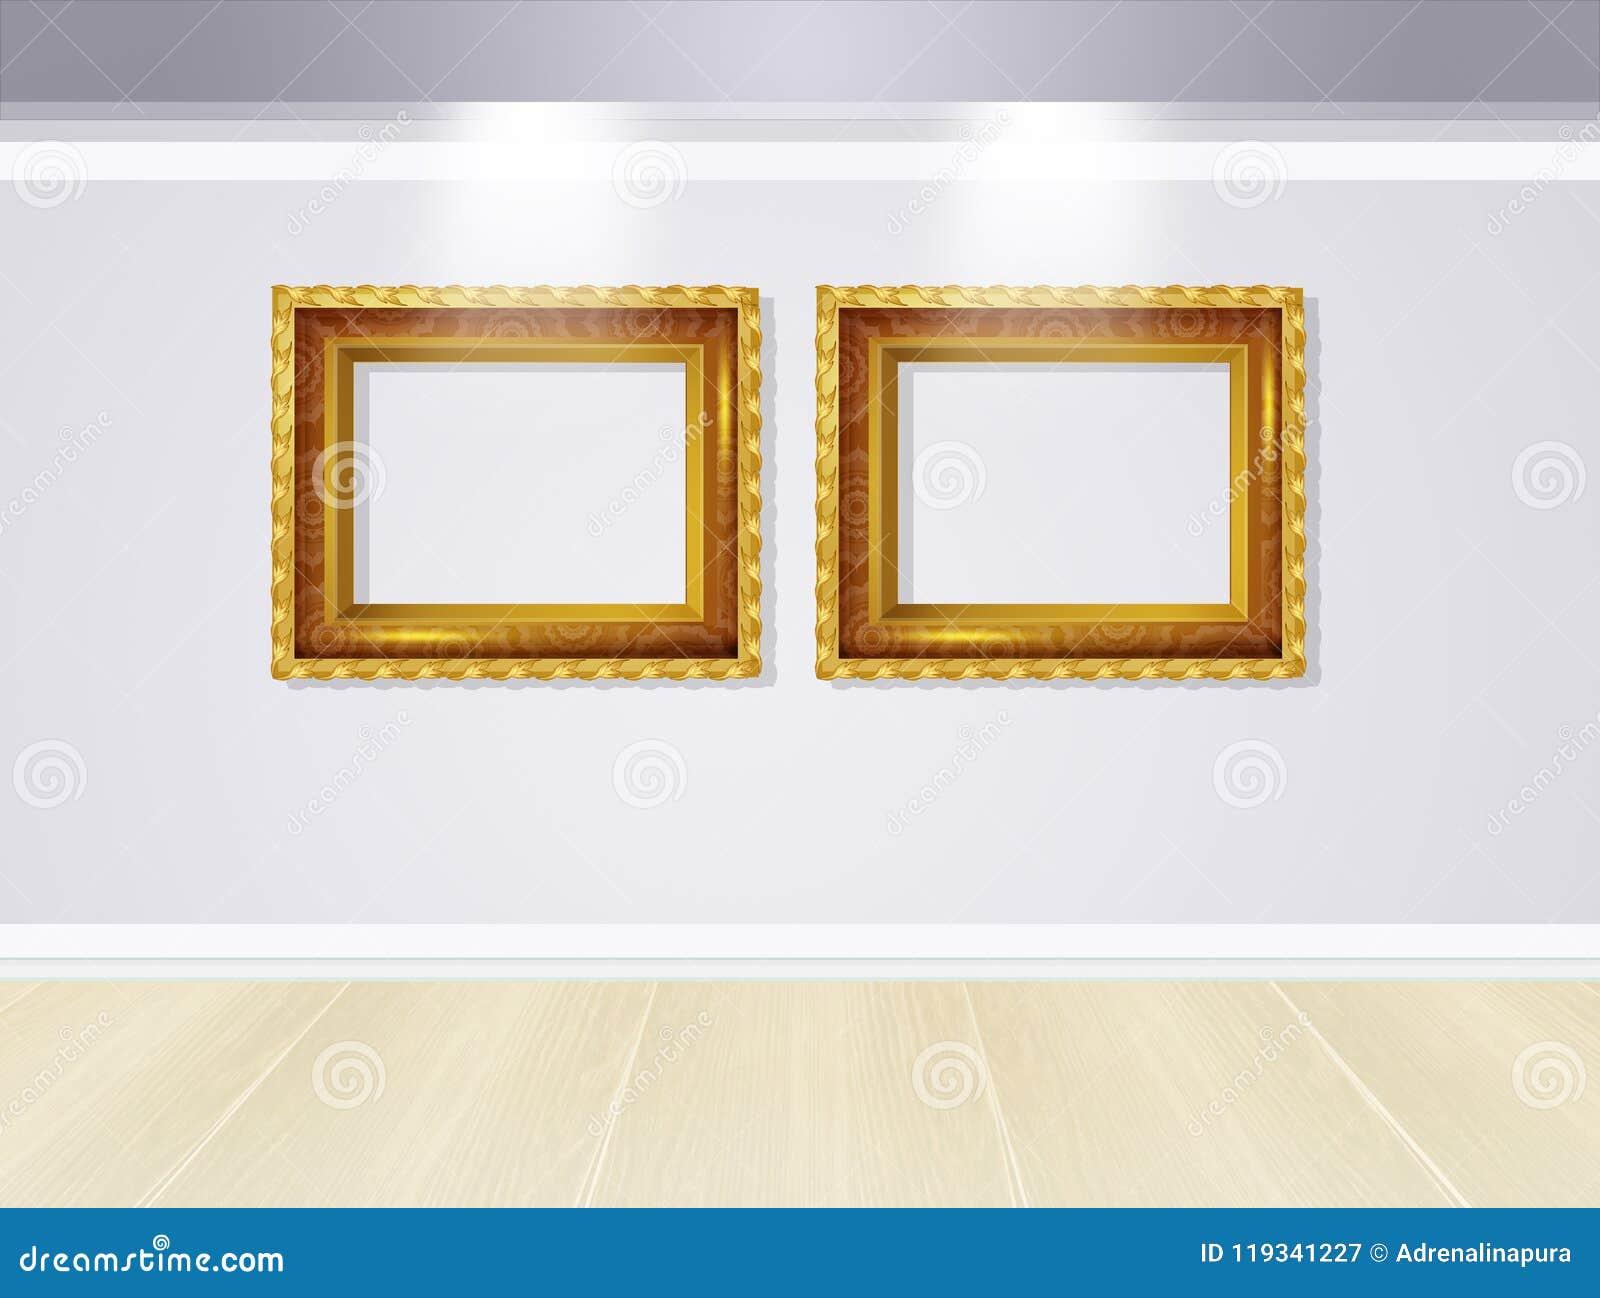 Dorable Marcos Galería De Oro Regalo - Ideas de Arte Enmarcado ...